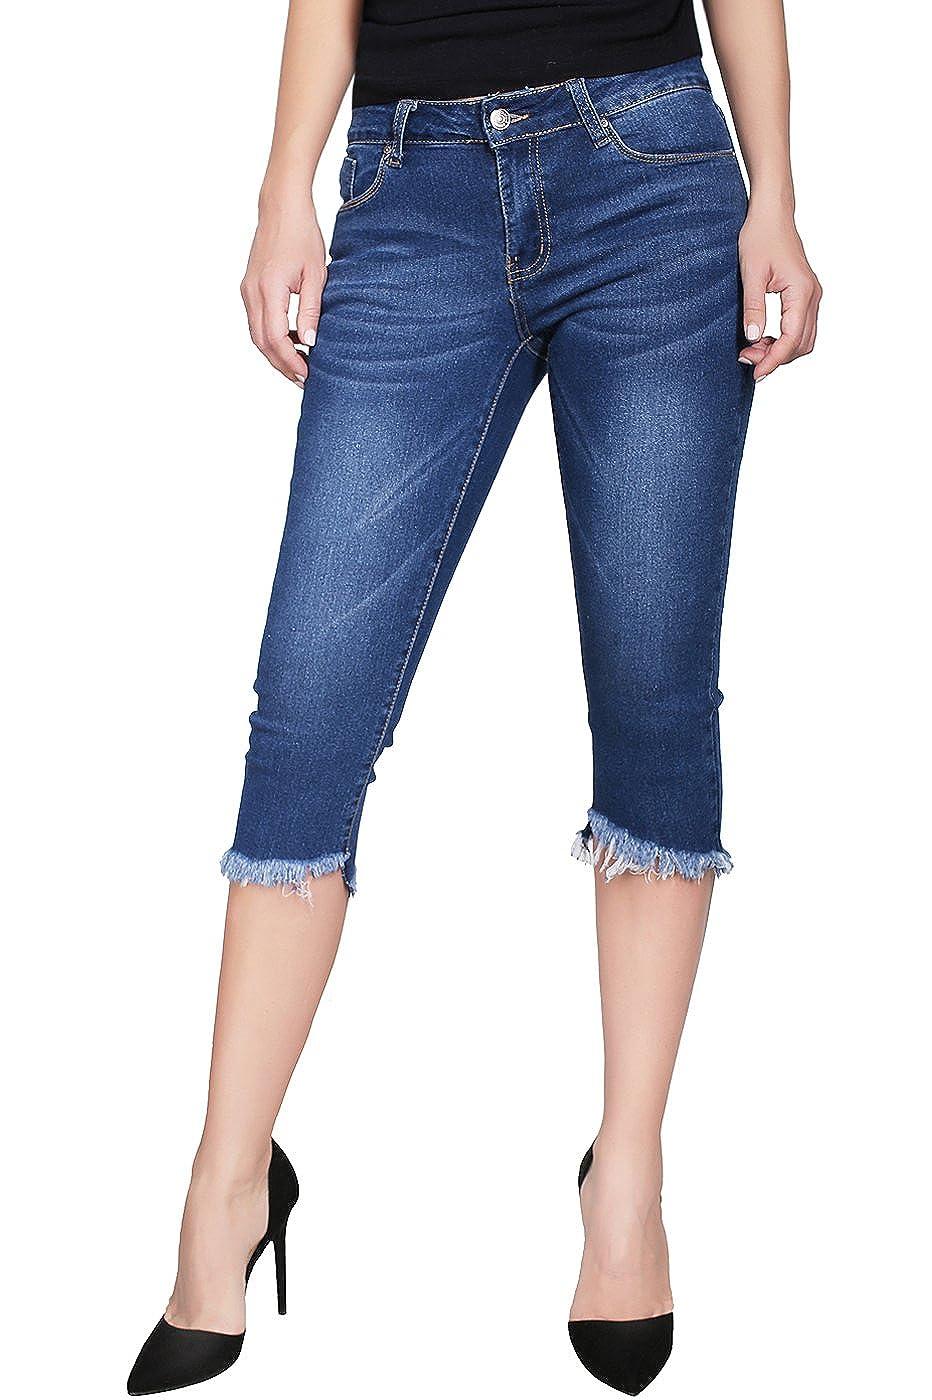 Denim Medium1 2LUV Women's Stretchy 5 Pocket Skinny Capri Jeans